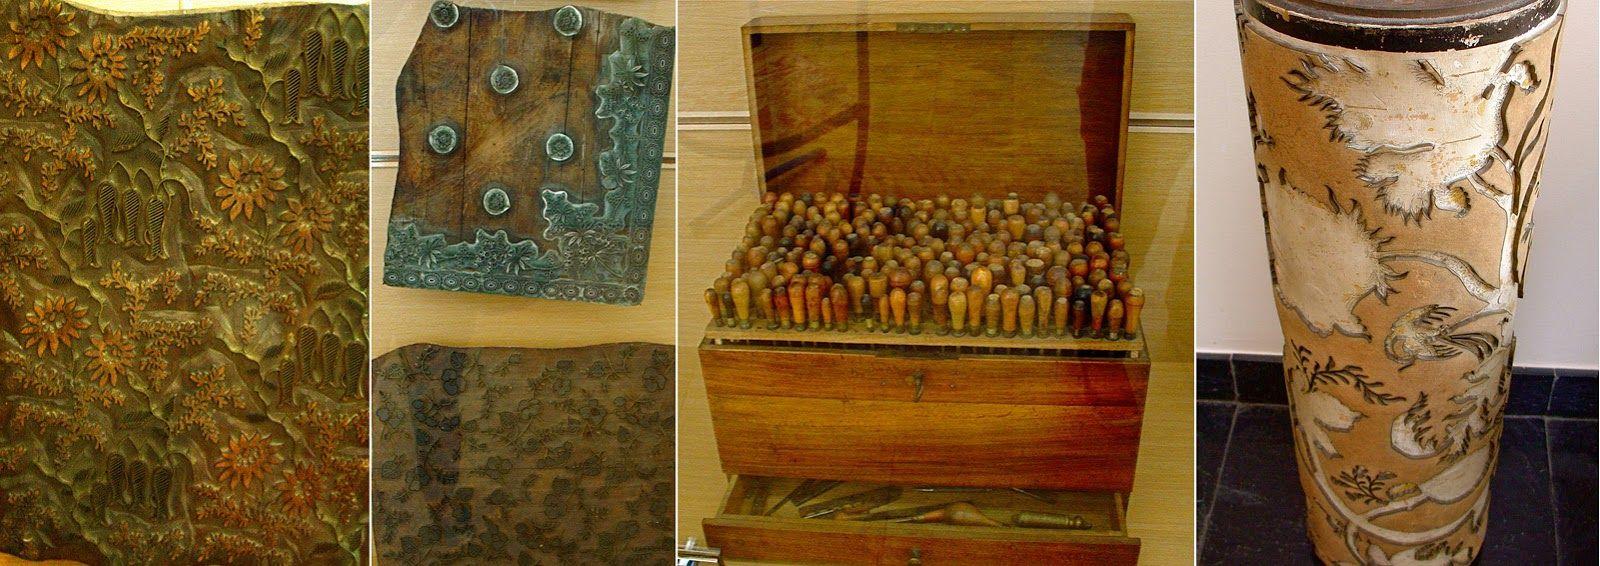 à g. : Planche à imprimer en bois ; au centre g. : planche à imprimer en métal On applique une planche par couleur. au centre dr. : outils de graveur ; à dr. : cylindre à imprimer